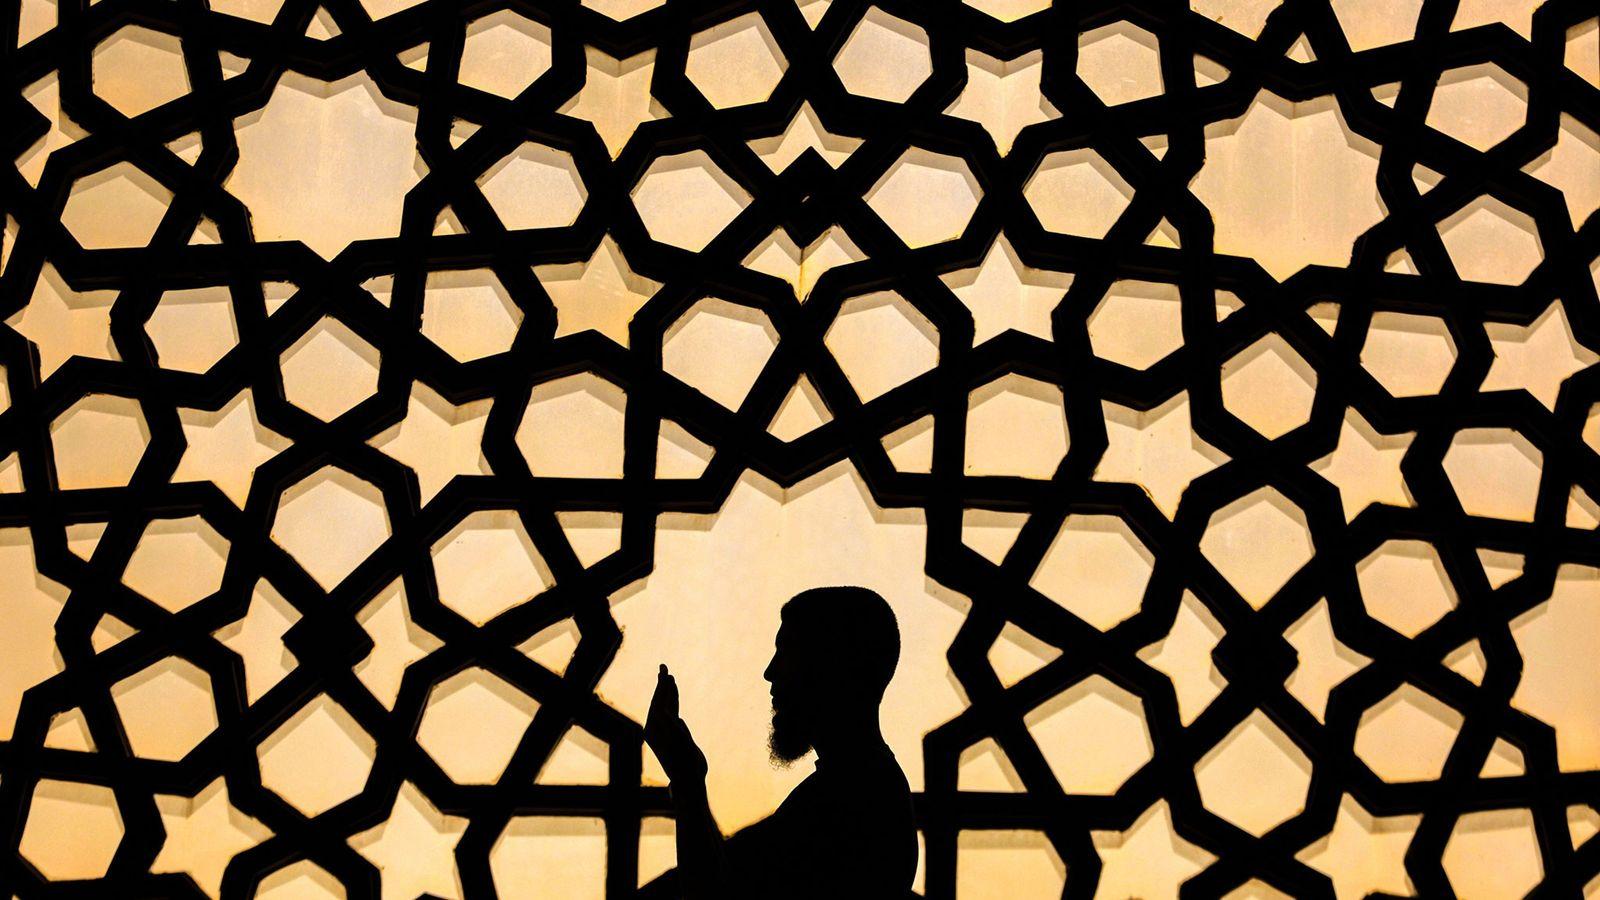 Un hombre palestino reza en la Gran Mezquita de Gaza durante el mes sagrado del Ramadán.